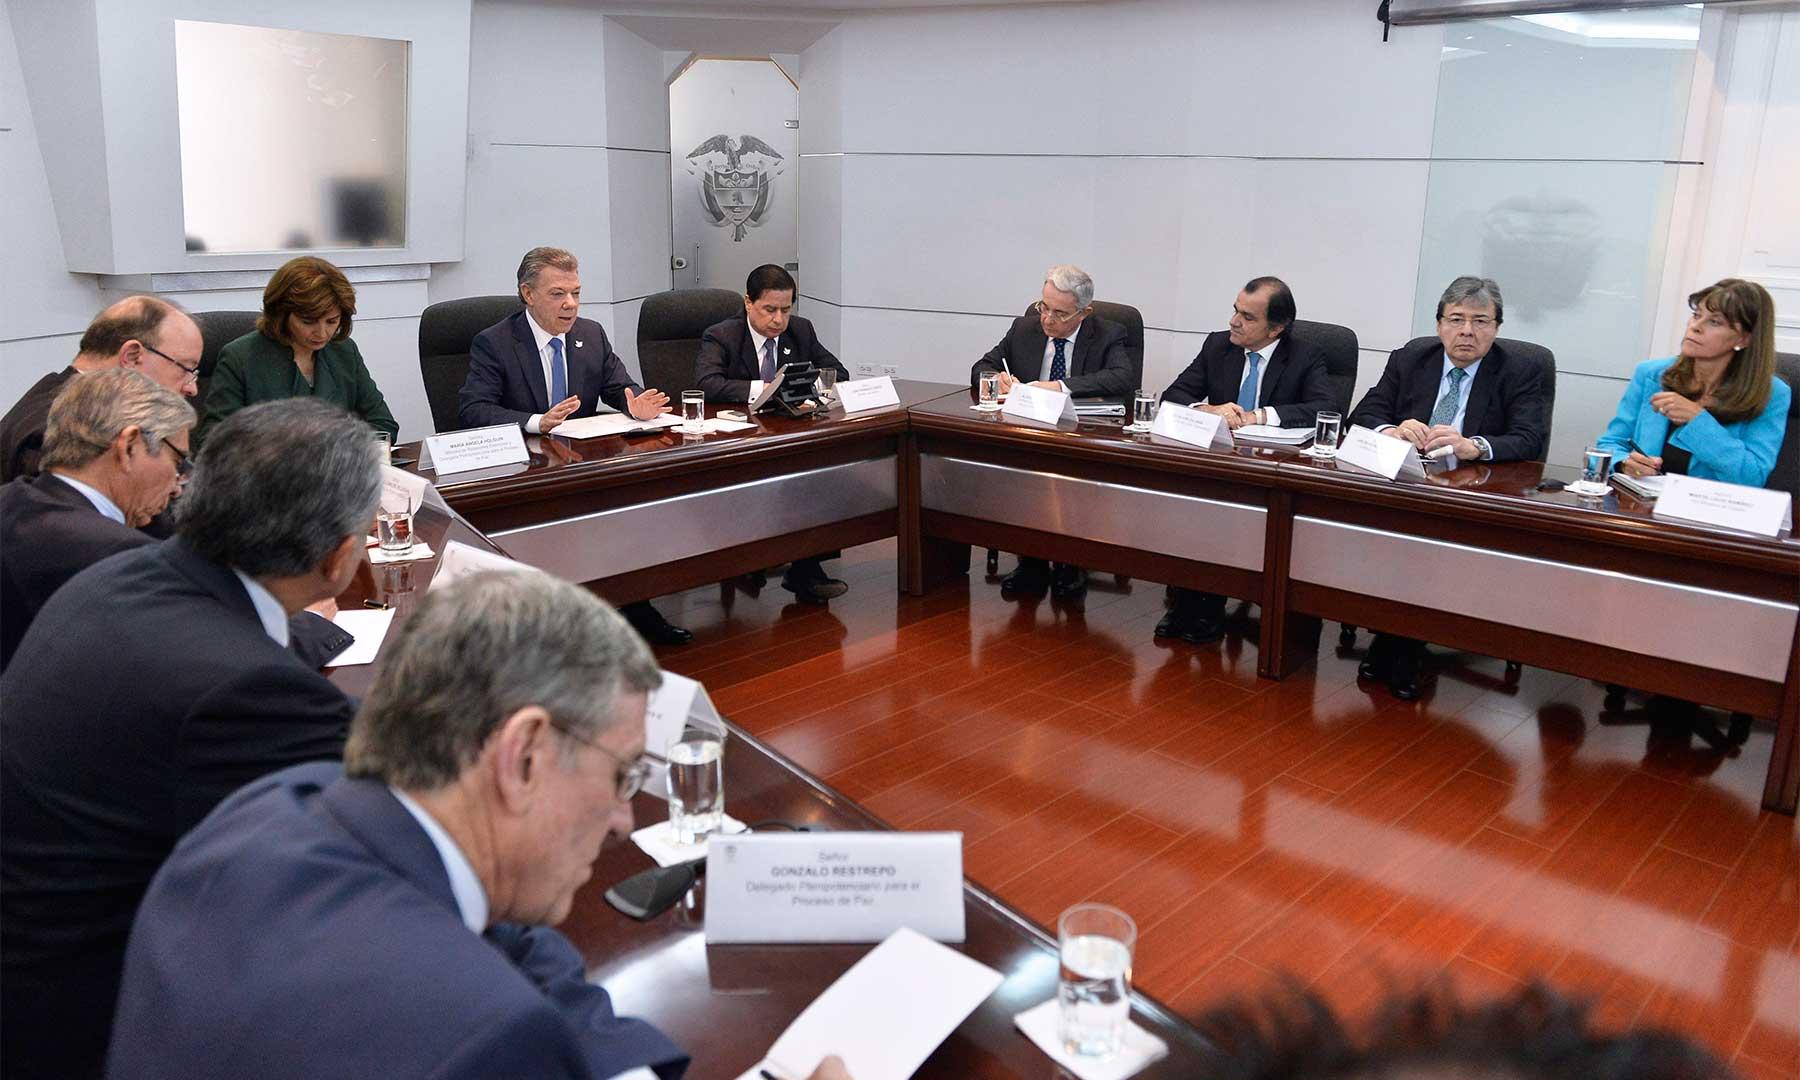 El Presidente Juan Manuel Santos recibe al expresidente, Álvaro Uribe en desarrollo del diálogo nacional impulsado por el Jefe del Estado para sacar adelante los acuerdos de paz.Foto: Efraín Herrera - SIG